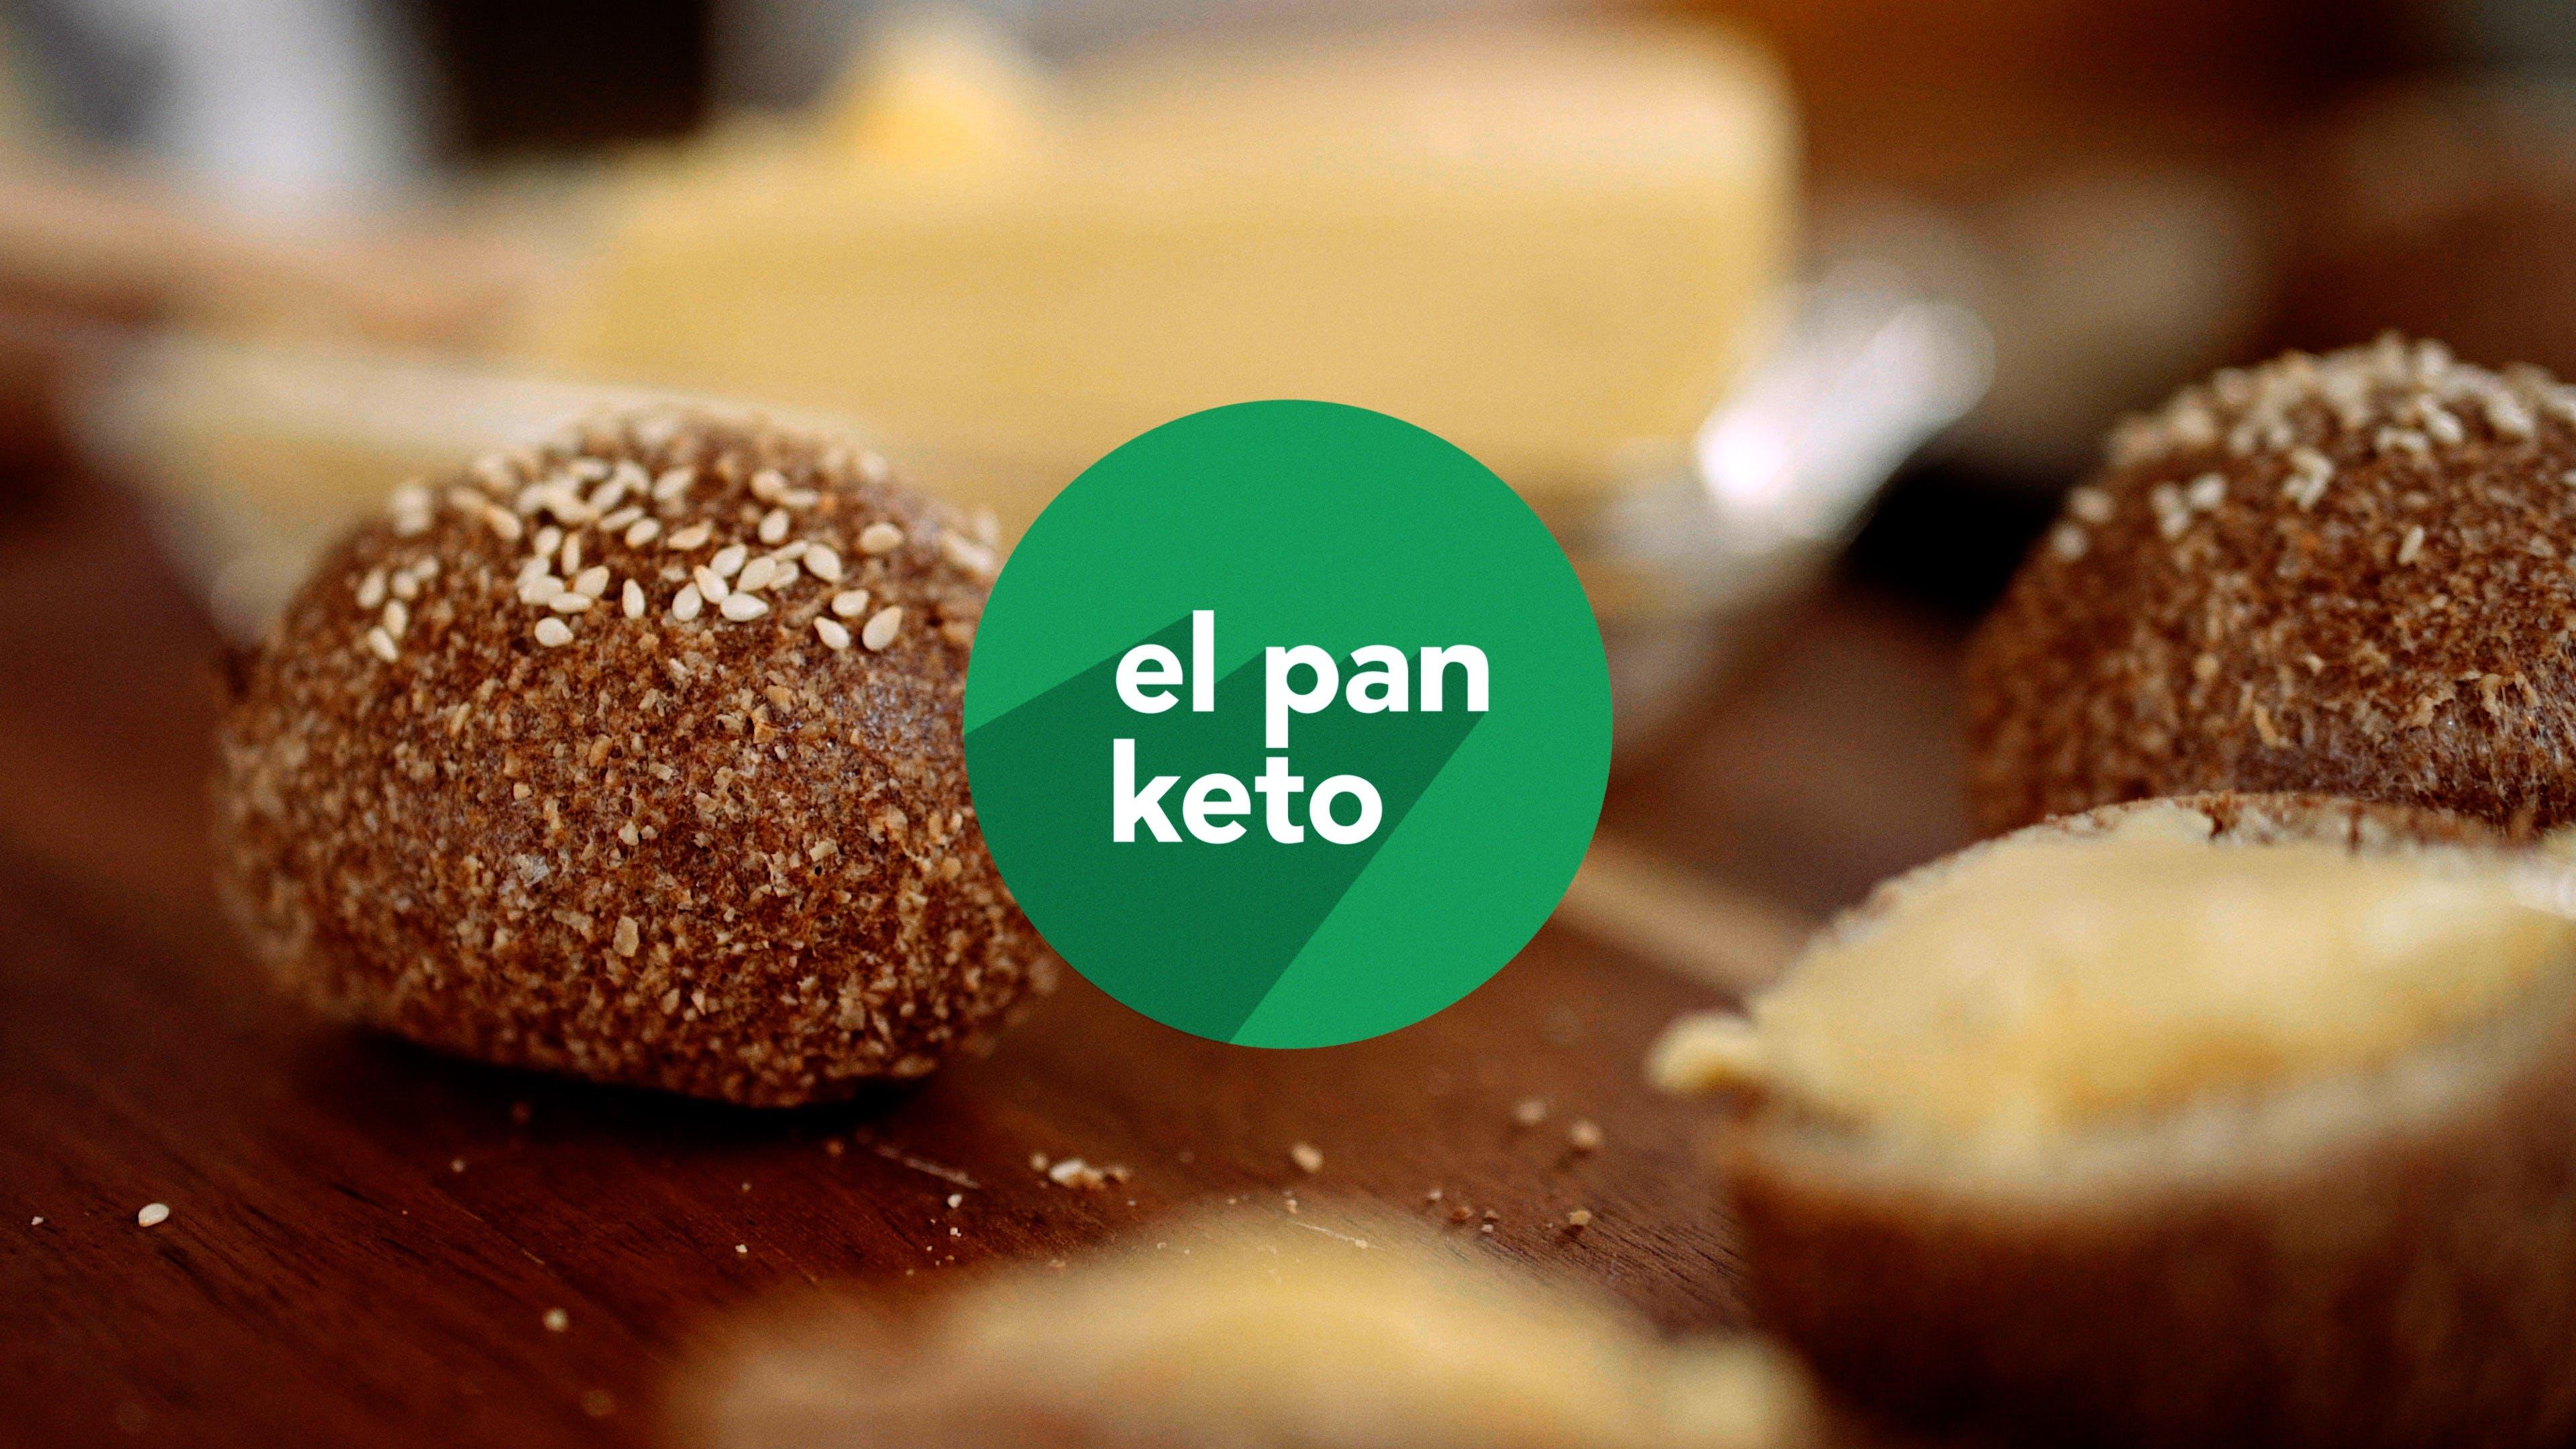 Primer video publicado<br> en Diet Doctor español: El pan keto